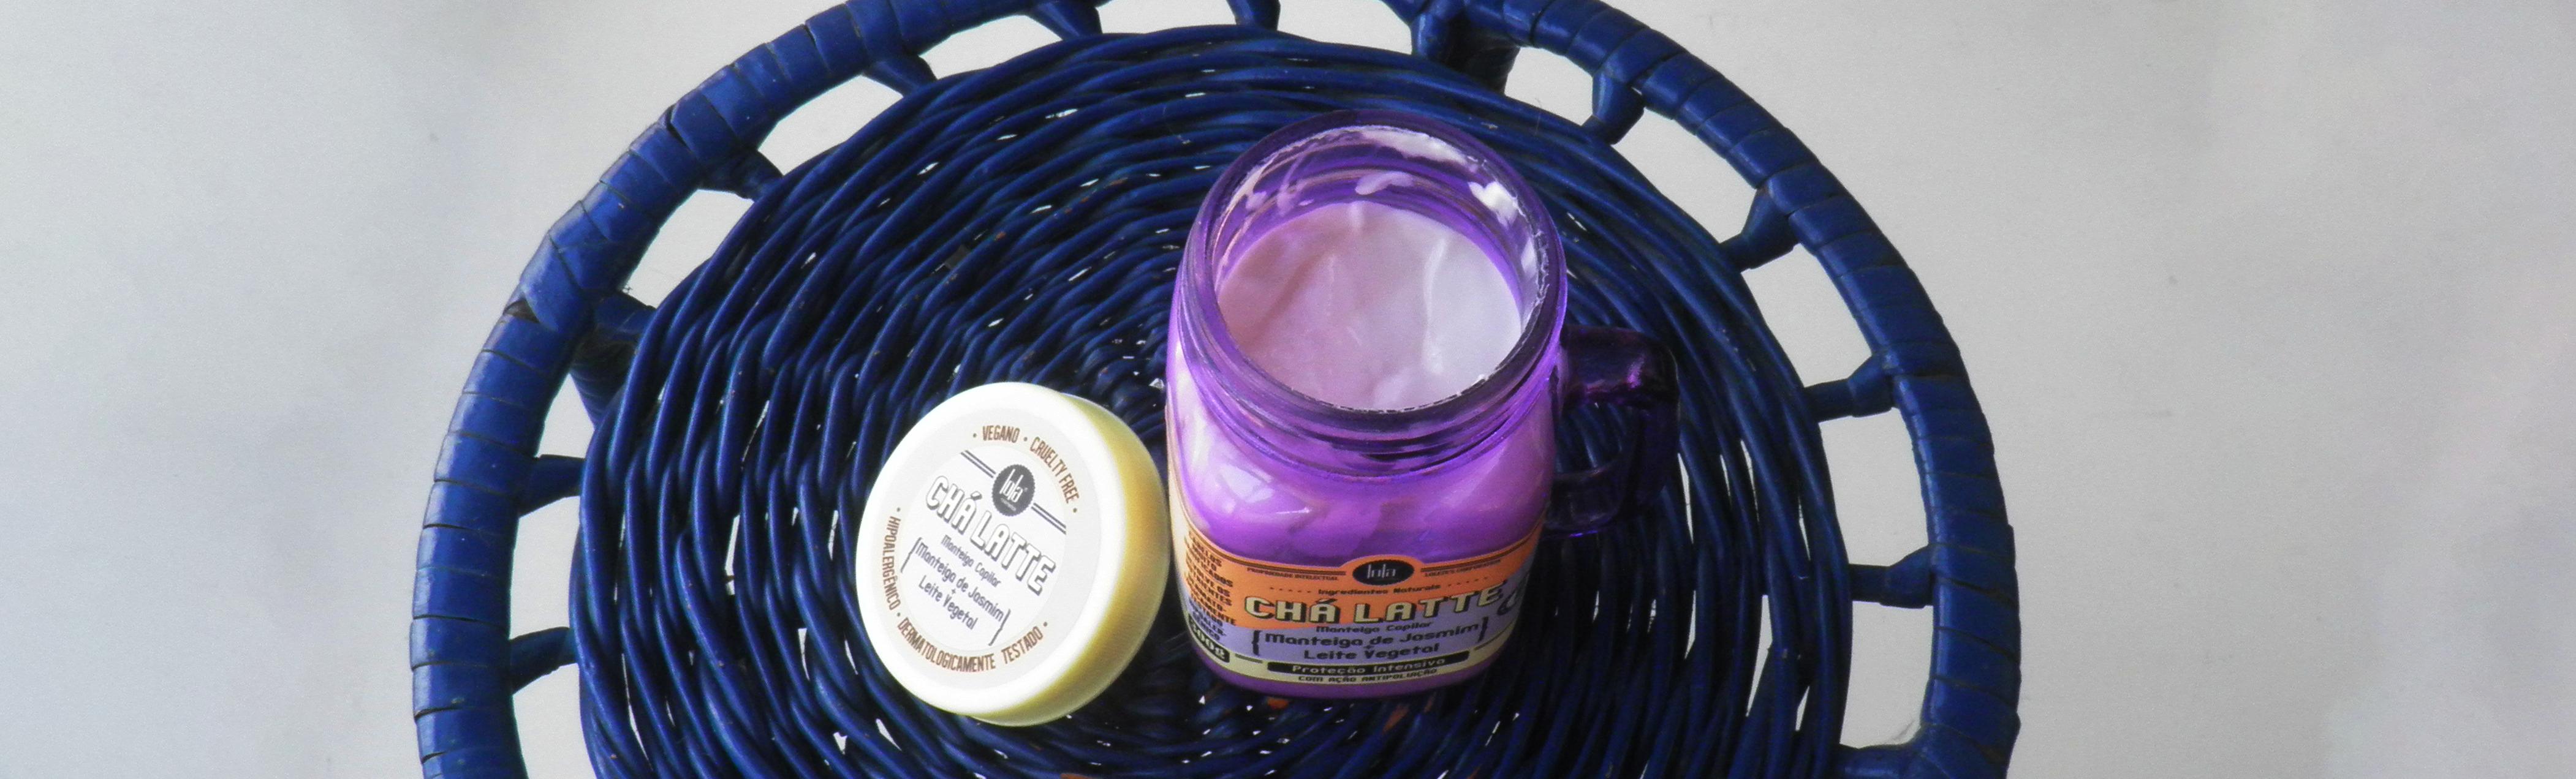 Onde encontrar para comprar Manteiga de Jasmim e Leite vegetal Chá Latte - Lola